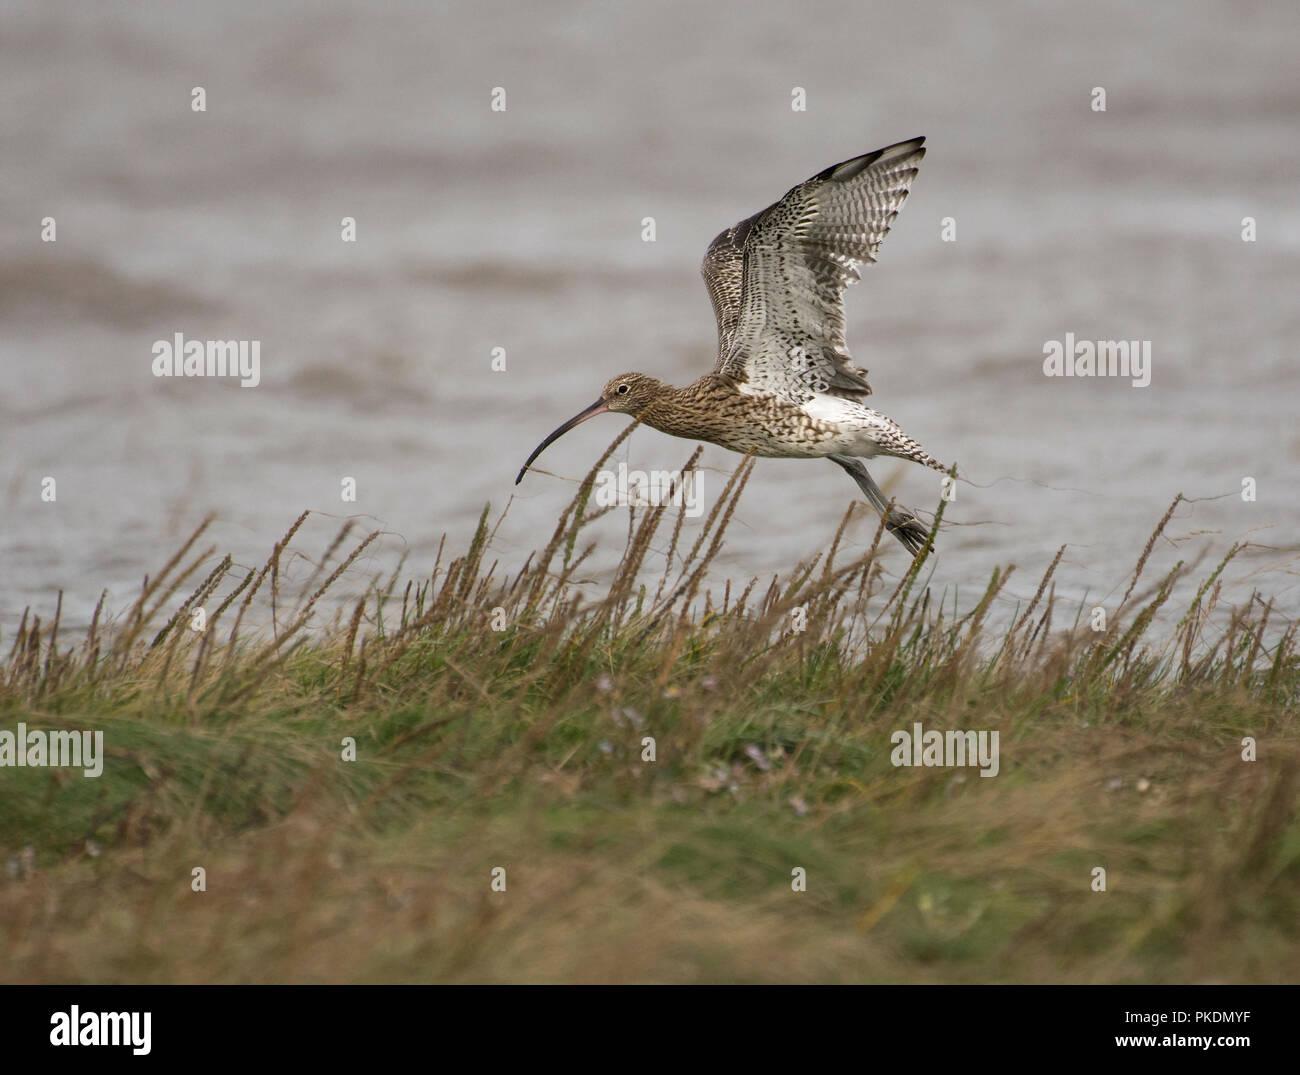 Curlew, Numenius arquata, landing in salt marsh, Morecambe Bay, Lancashire, UK Stock Photo